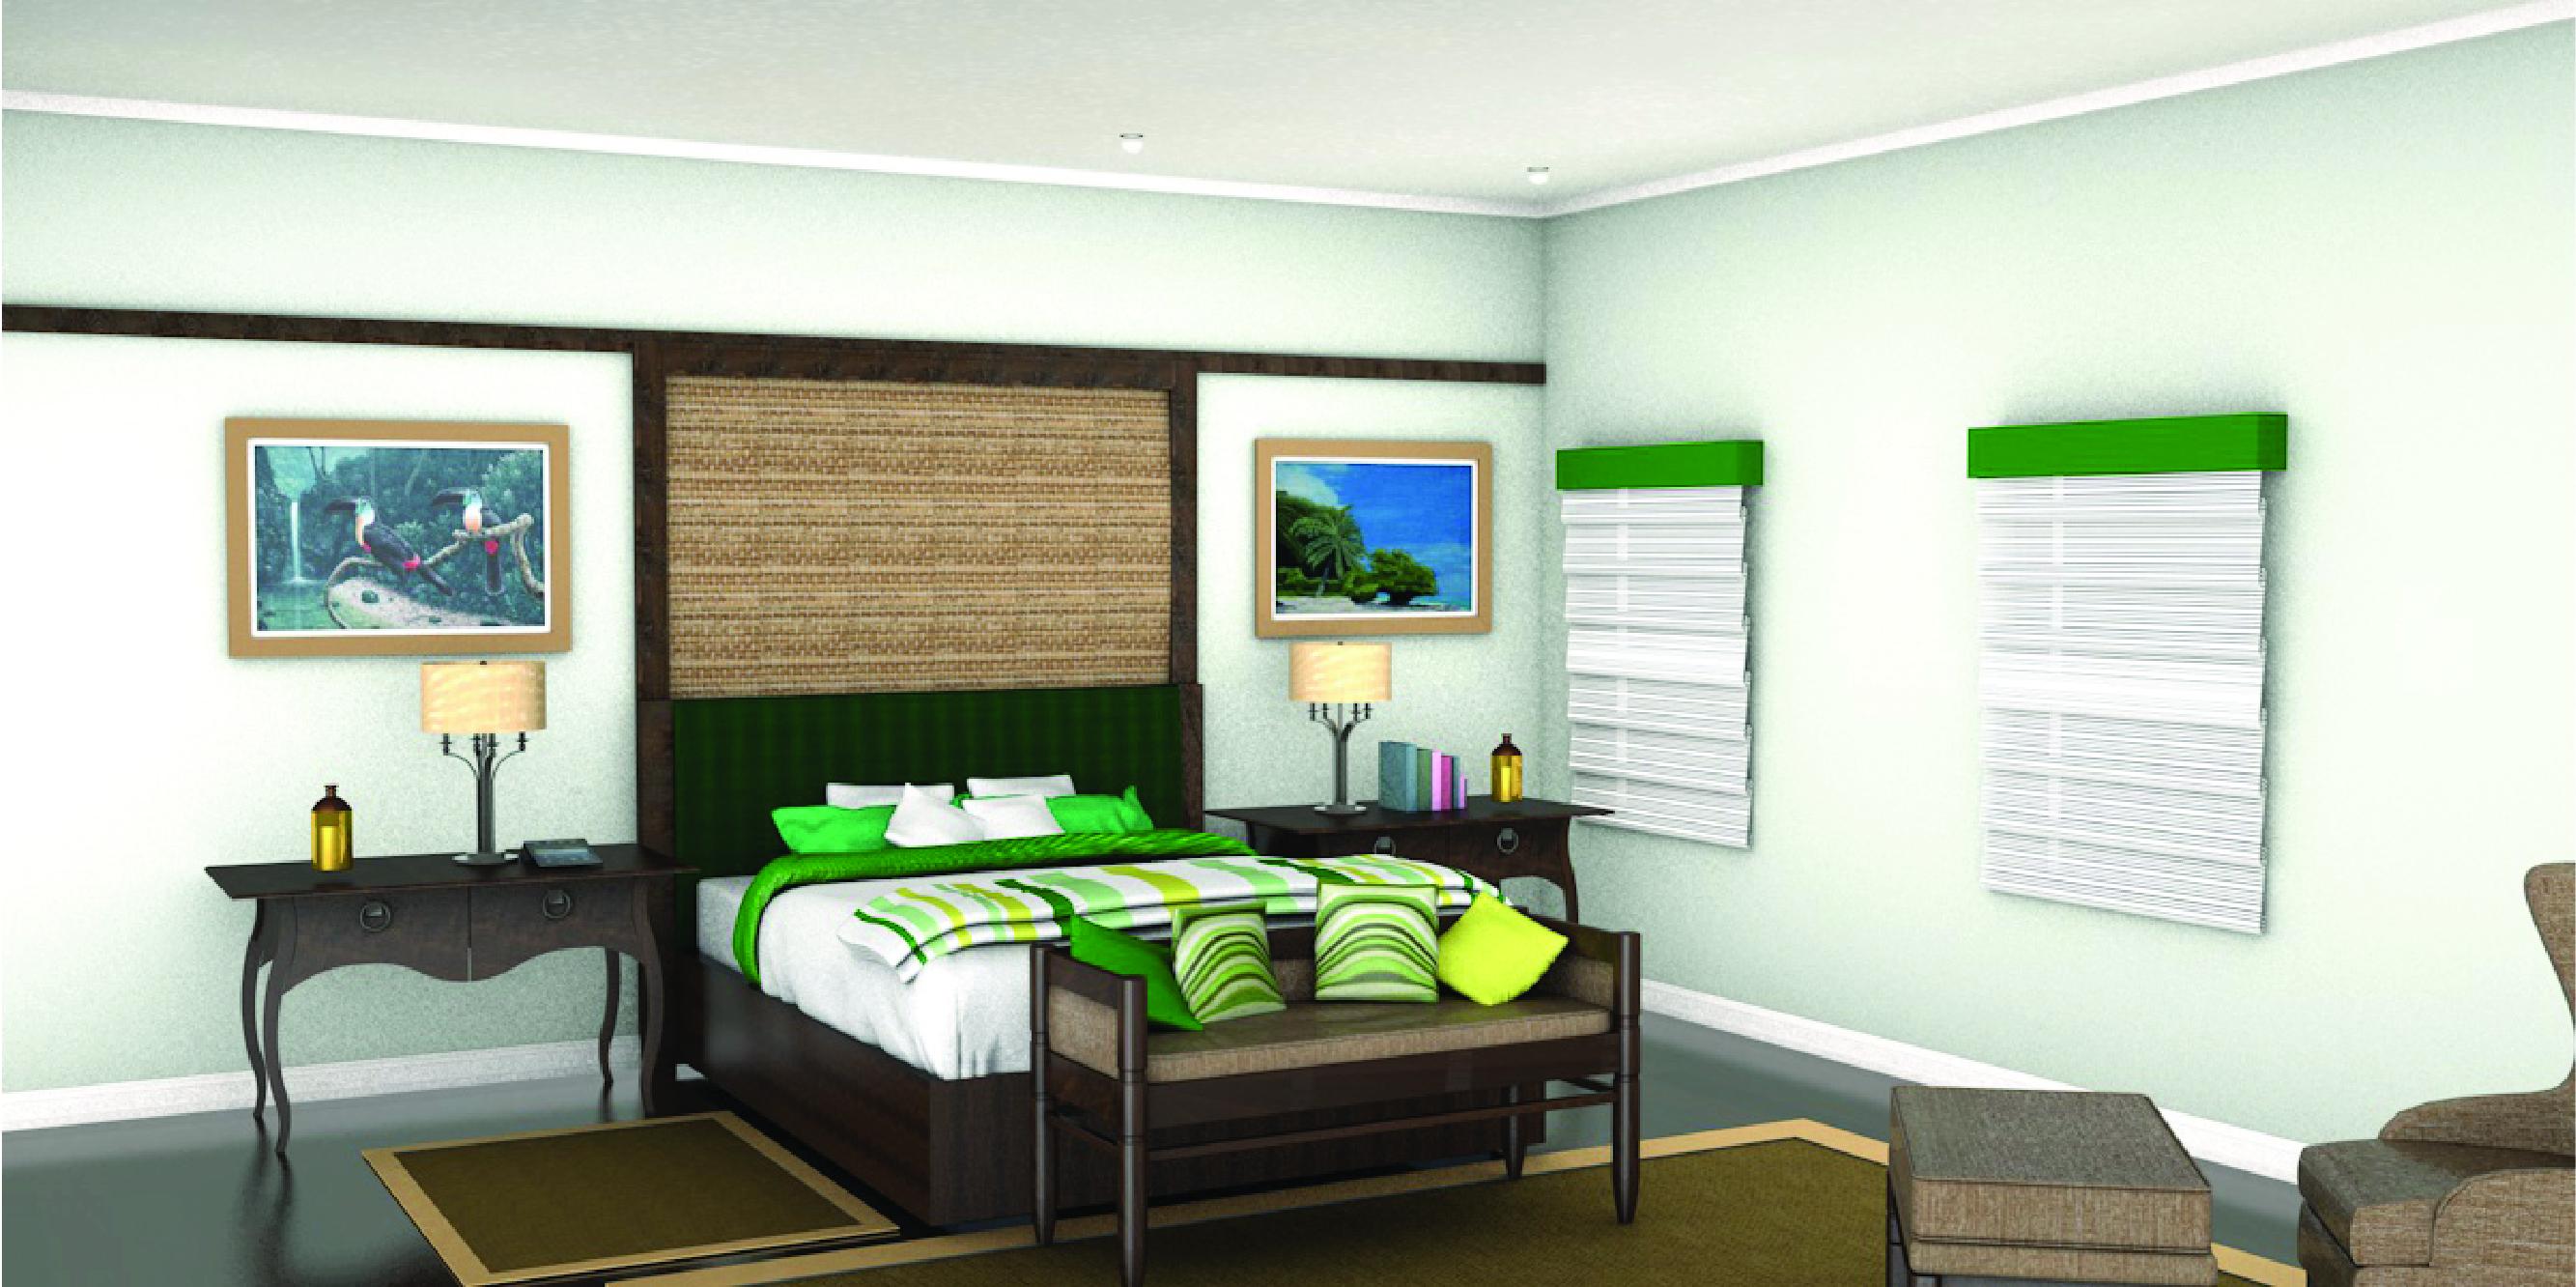 Unit A Bed